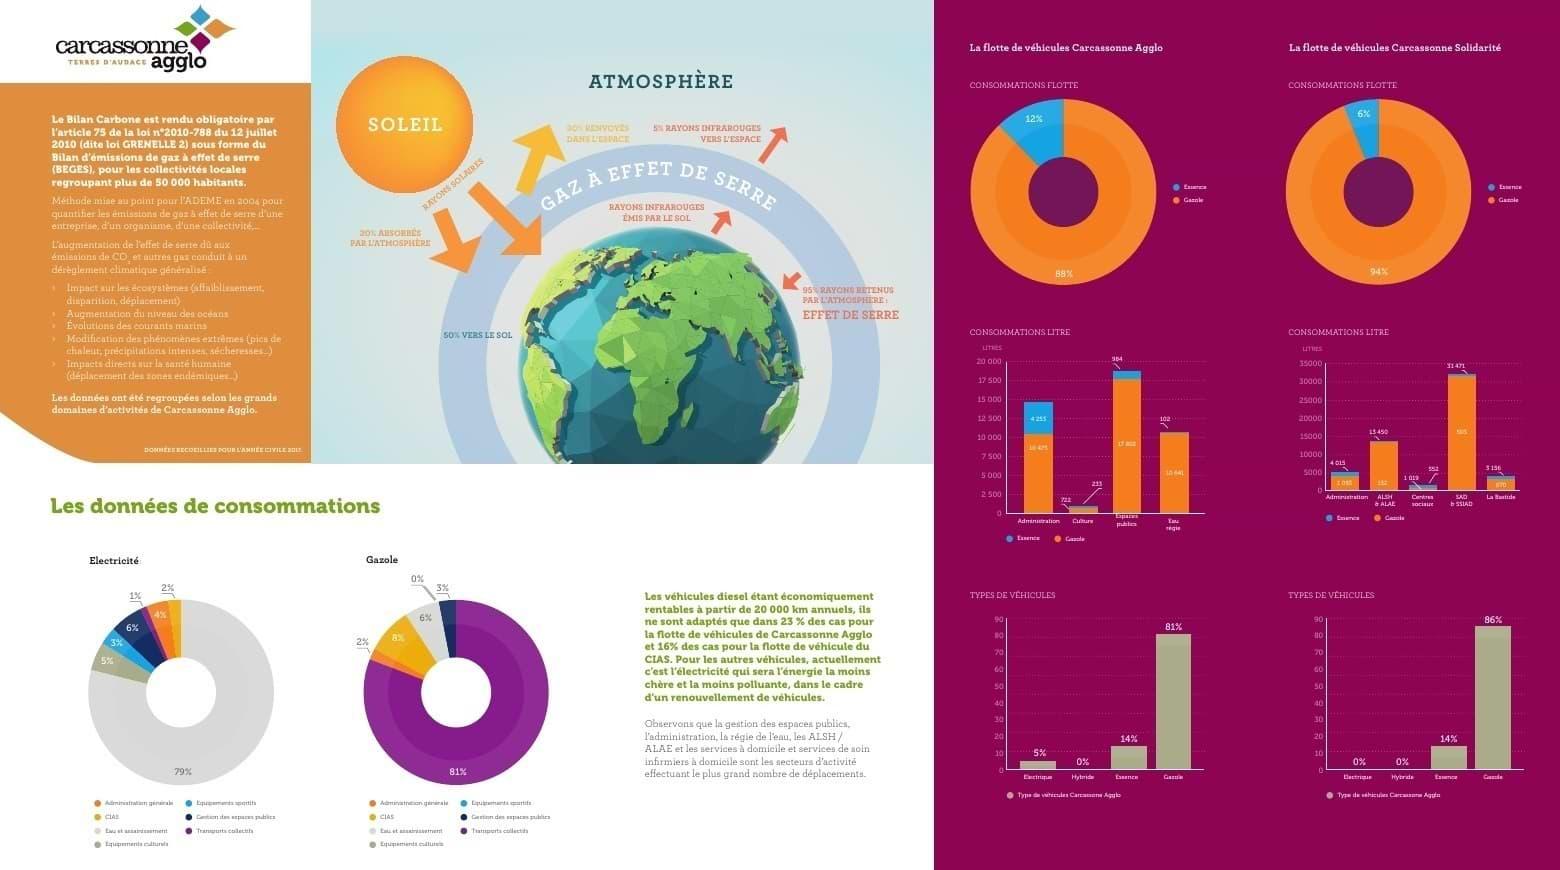 Communication verte (environnement / climat / bilan carbone / énergie), supports de communication interne axés dataviz (data designer) & illustration pour Carcassonne Agglo